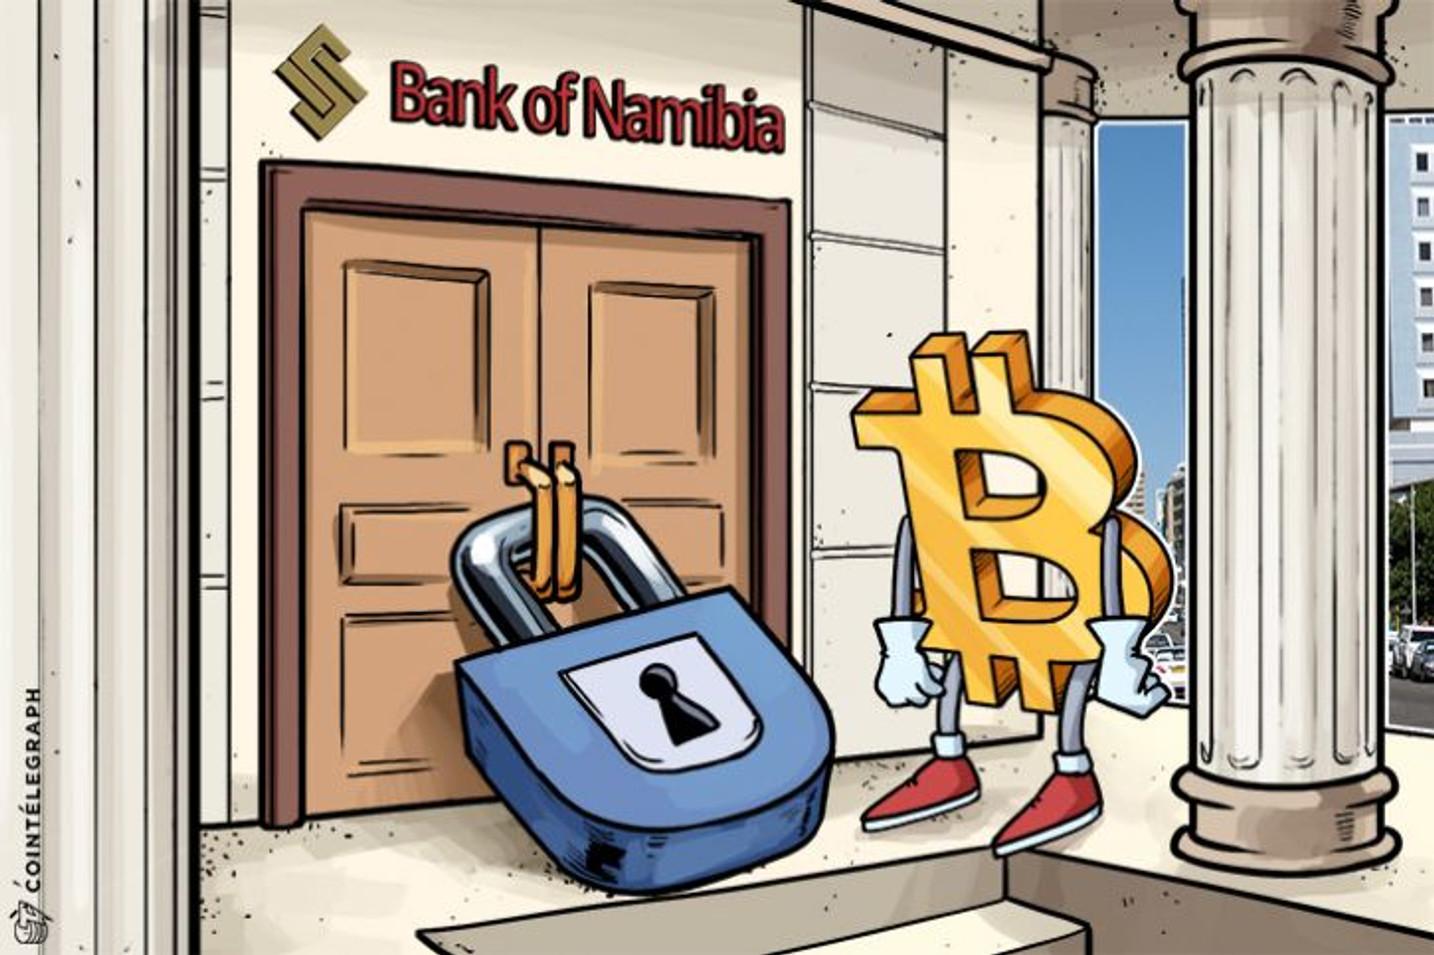 ナミビア銀行は施行後50年の法律に基づいて、ビットコインの取引を認めない方針